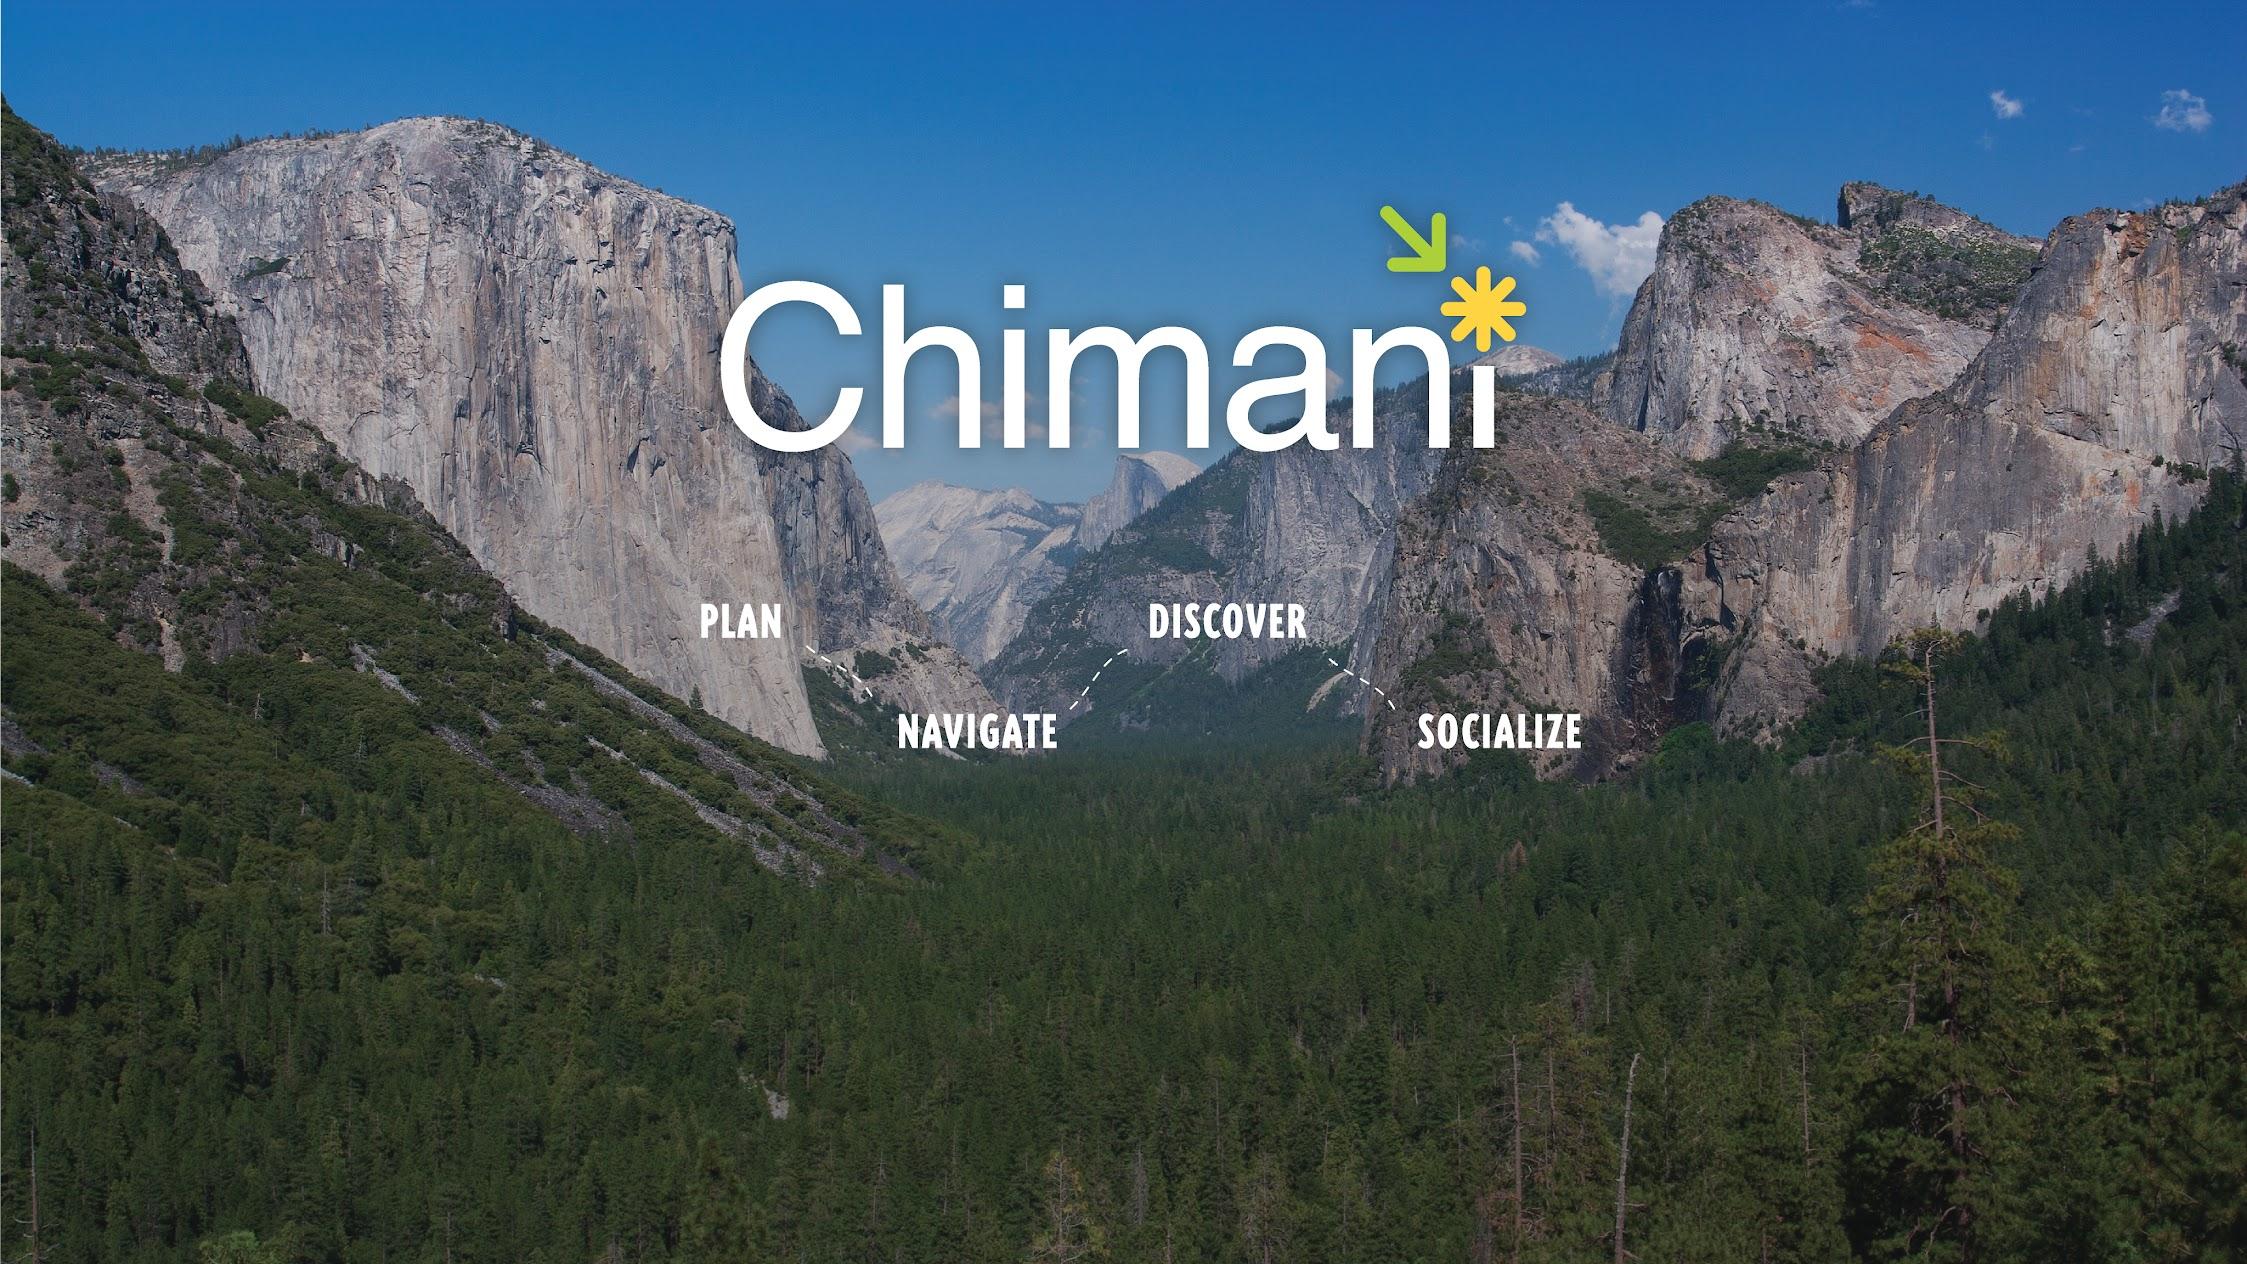 Chimani, Inc.